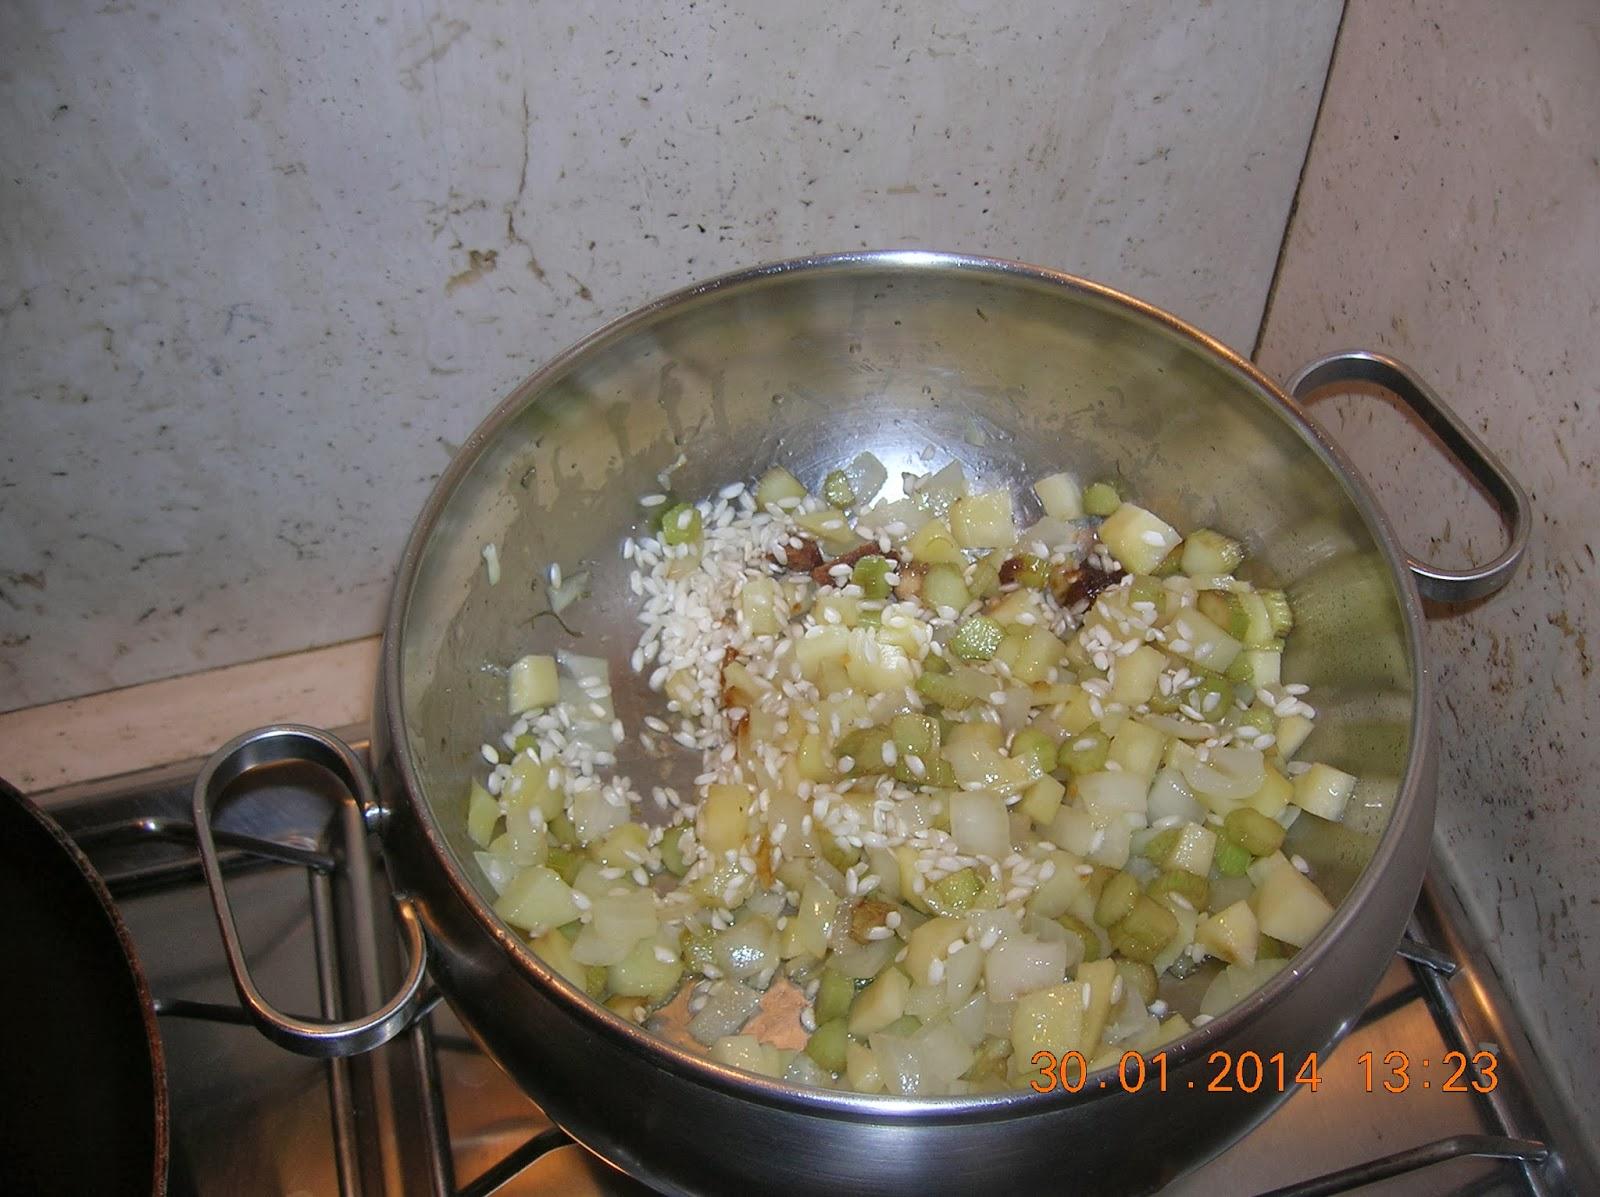 ricette di riciclo: finto riso con carcioffi e patate- tortino con foglie  di scarto della   lattuga e scarola